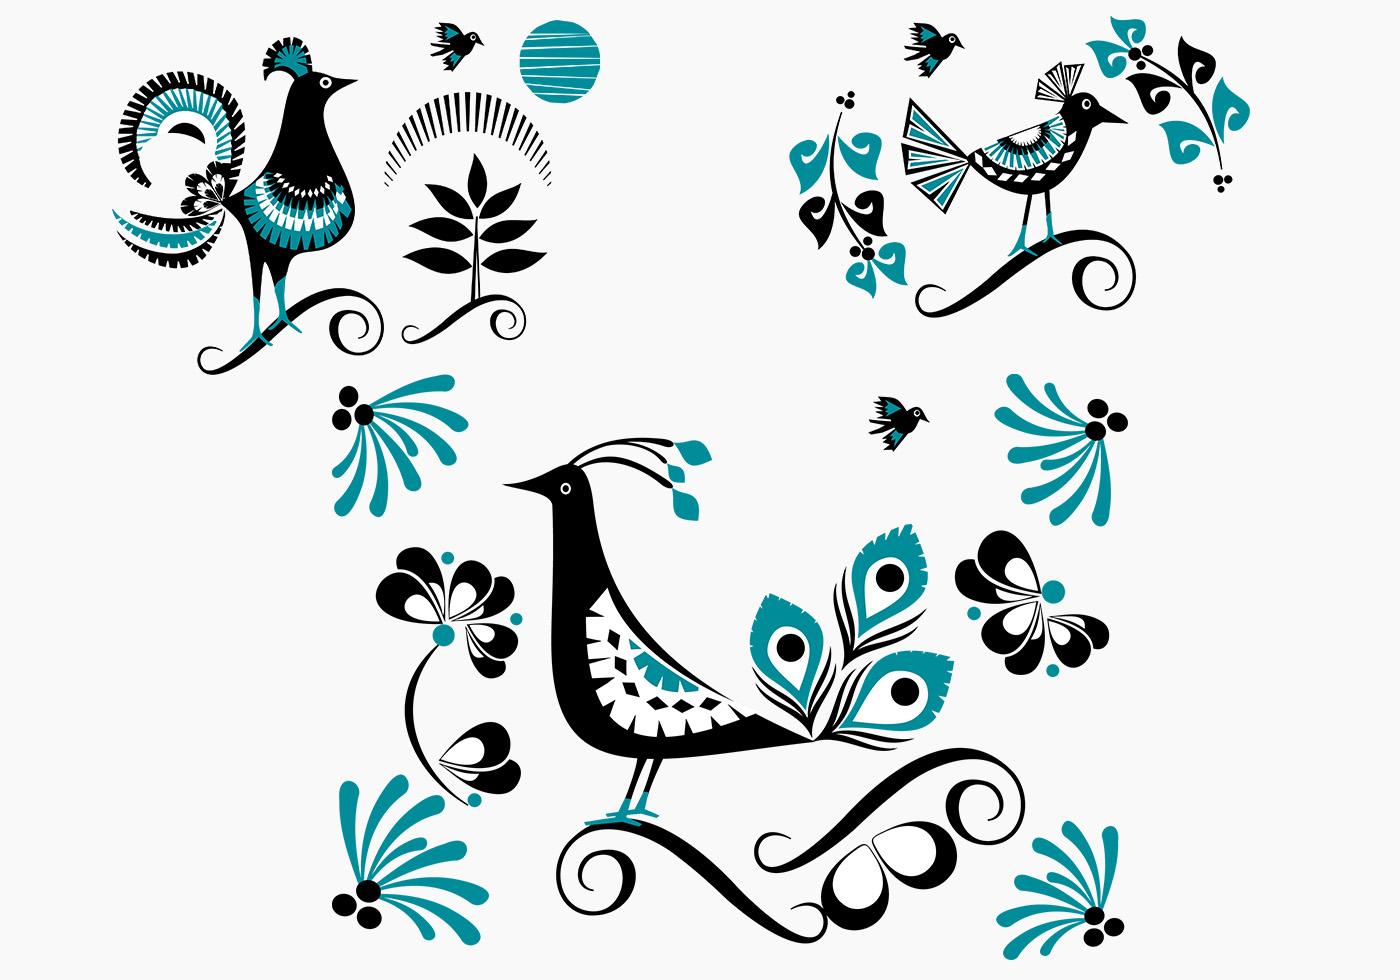 Pájaro vector azul aves florales Pack - Descargue Gráficos y ...